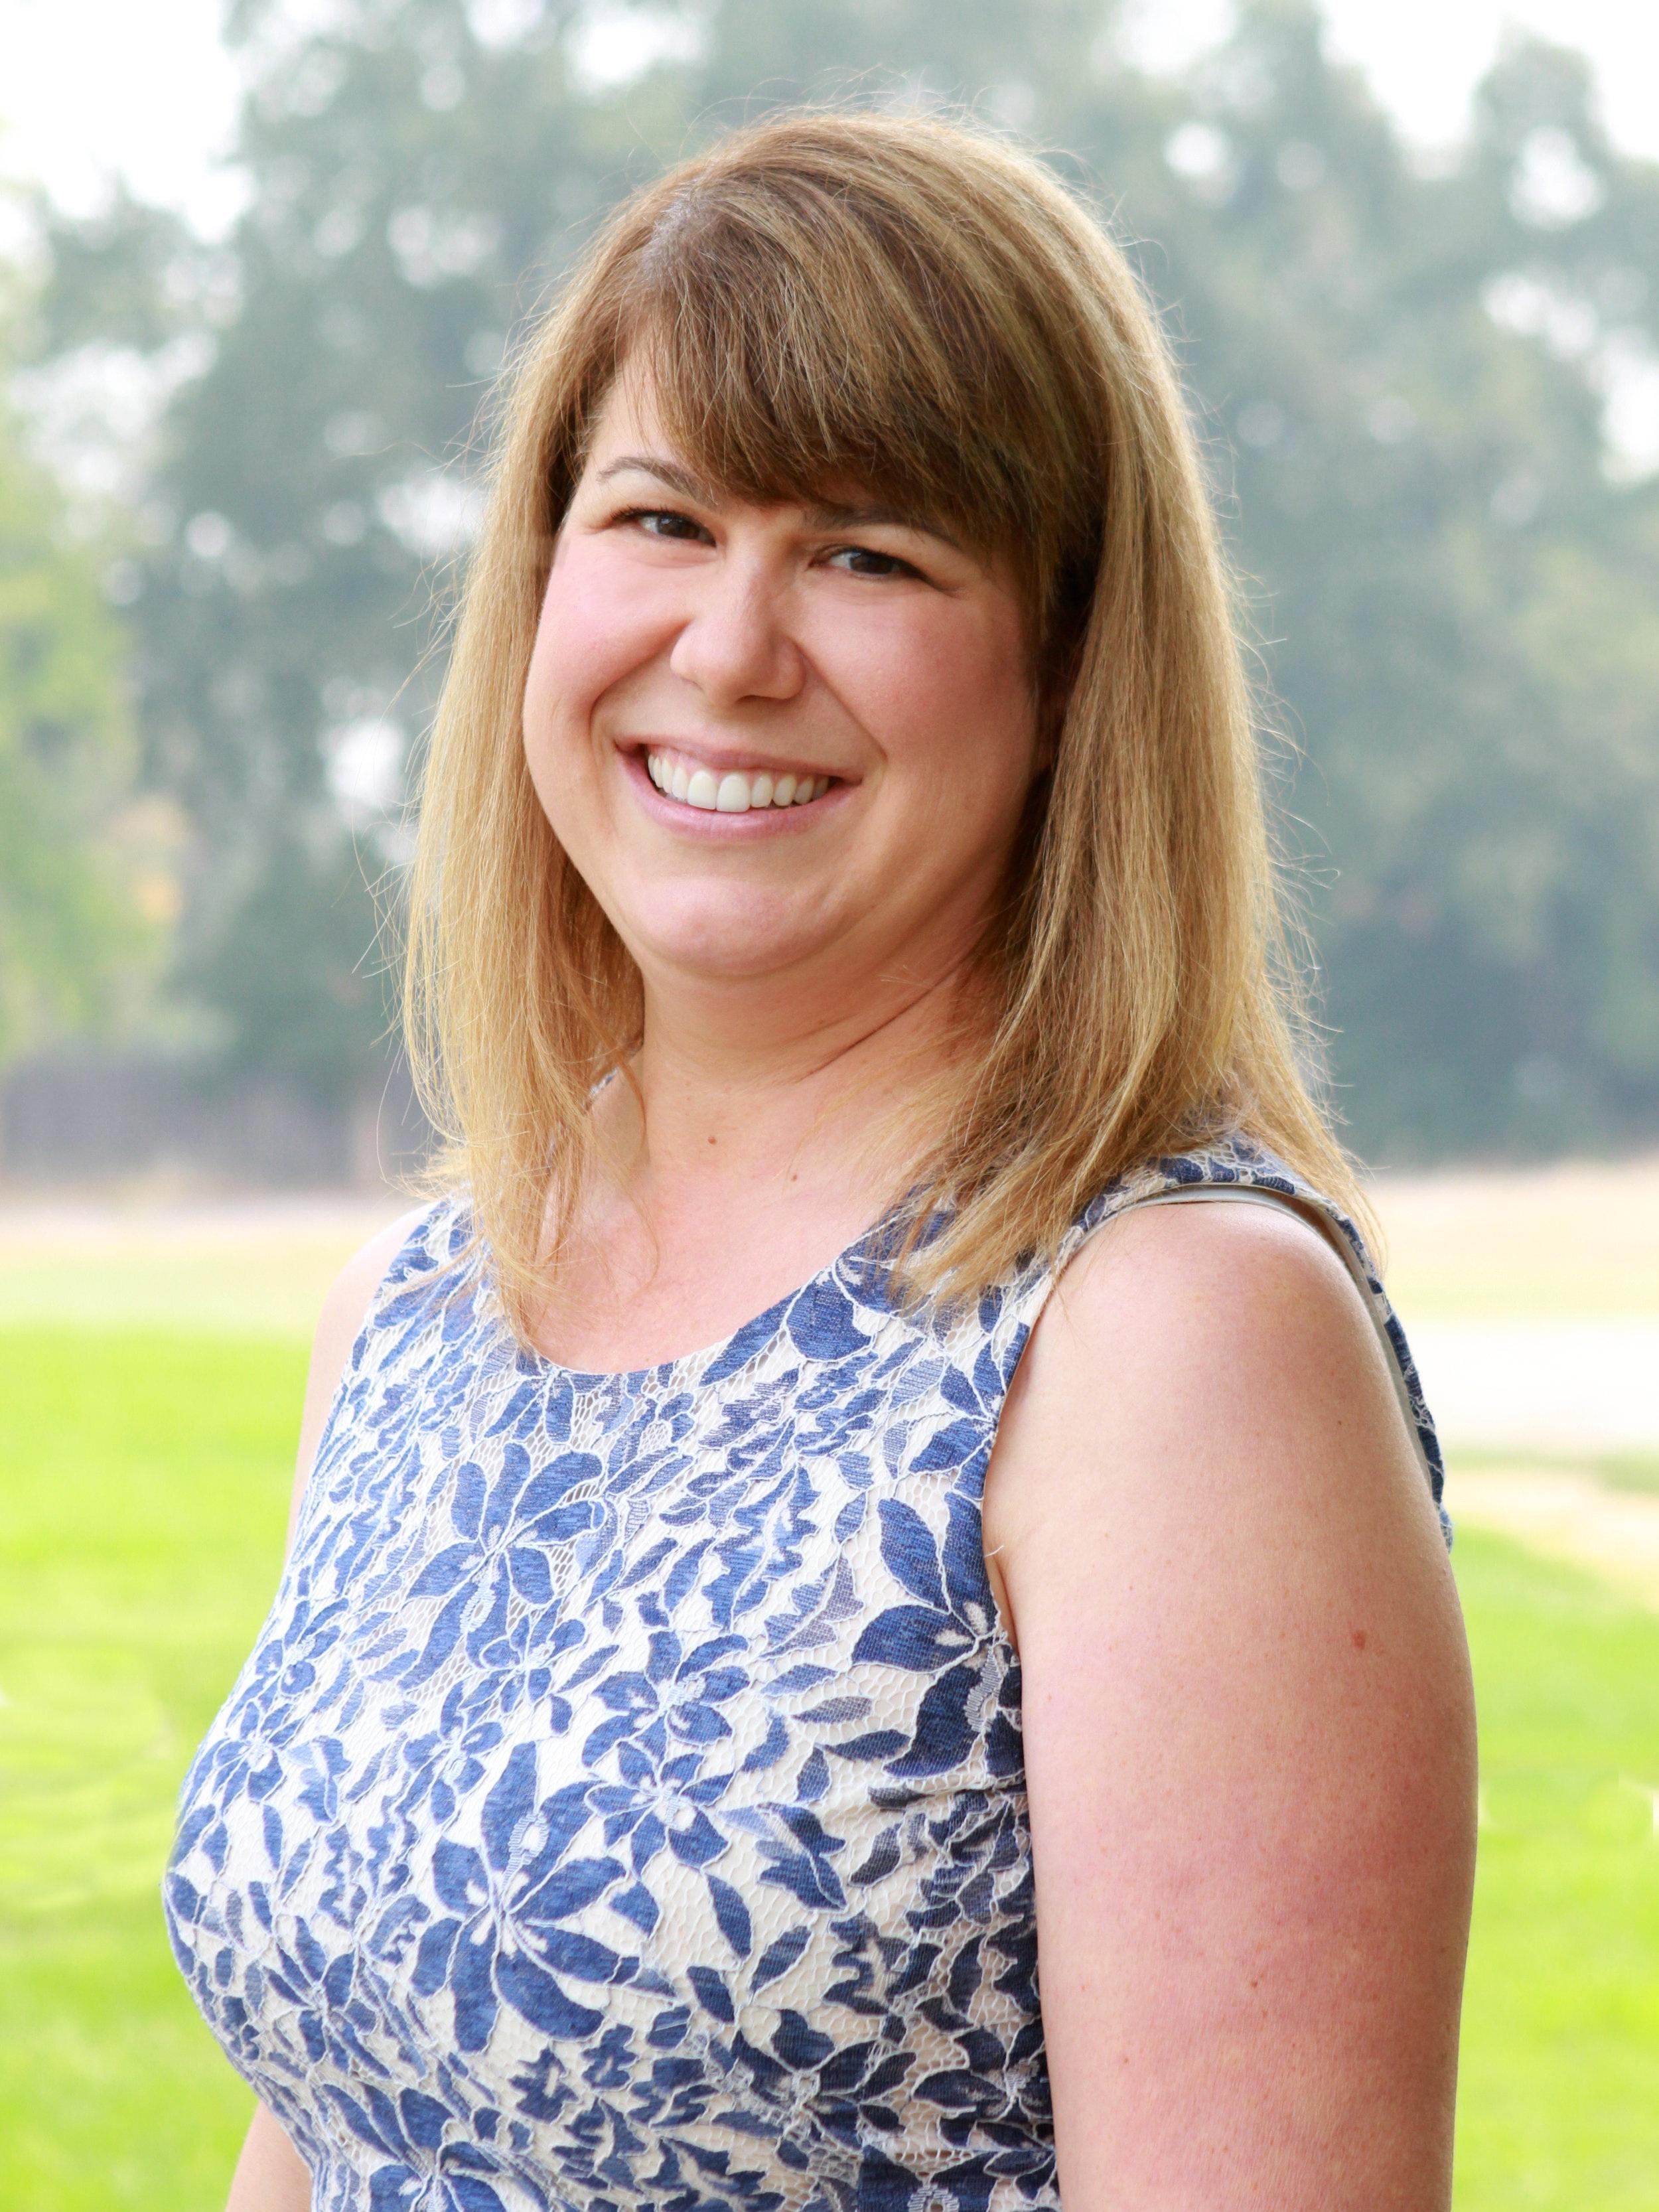 Julie Warner - Presidentjuliew@ndaemail.com